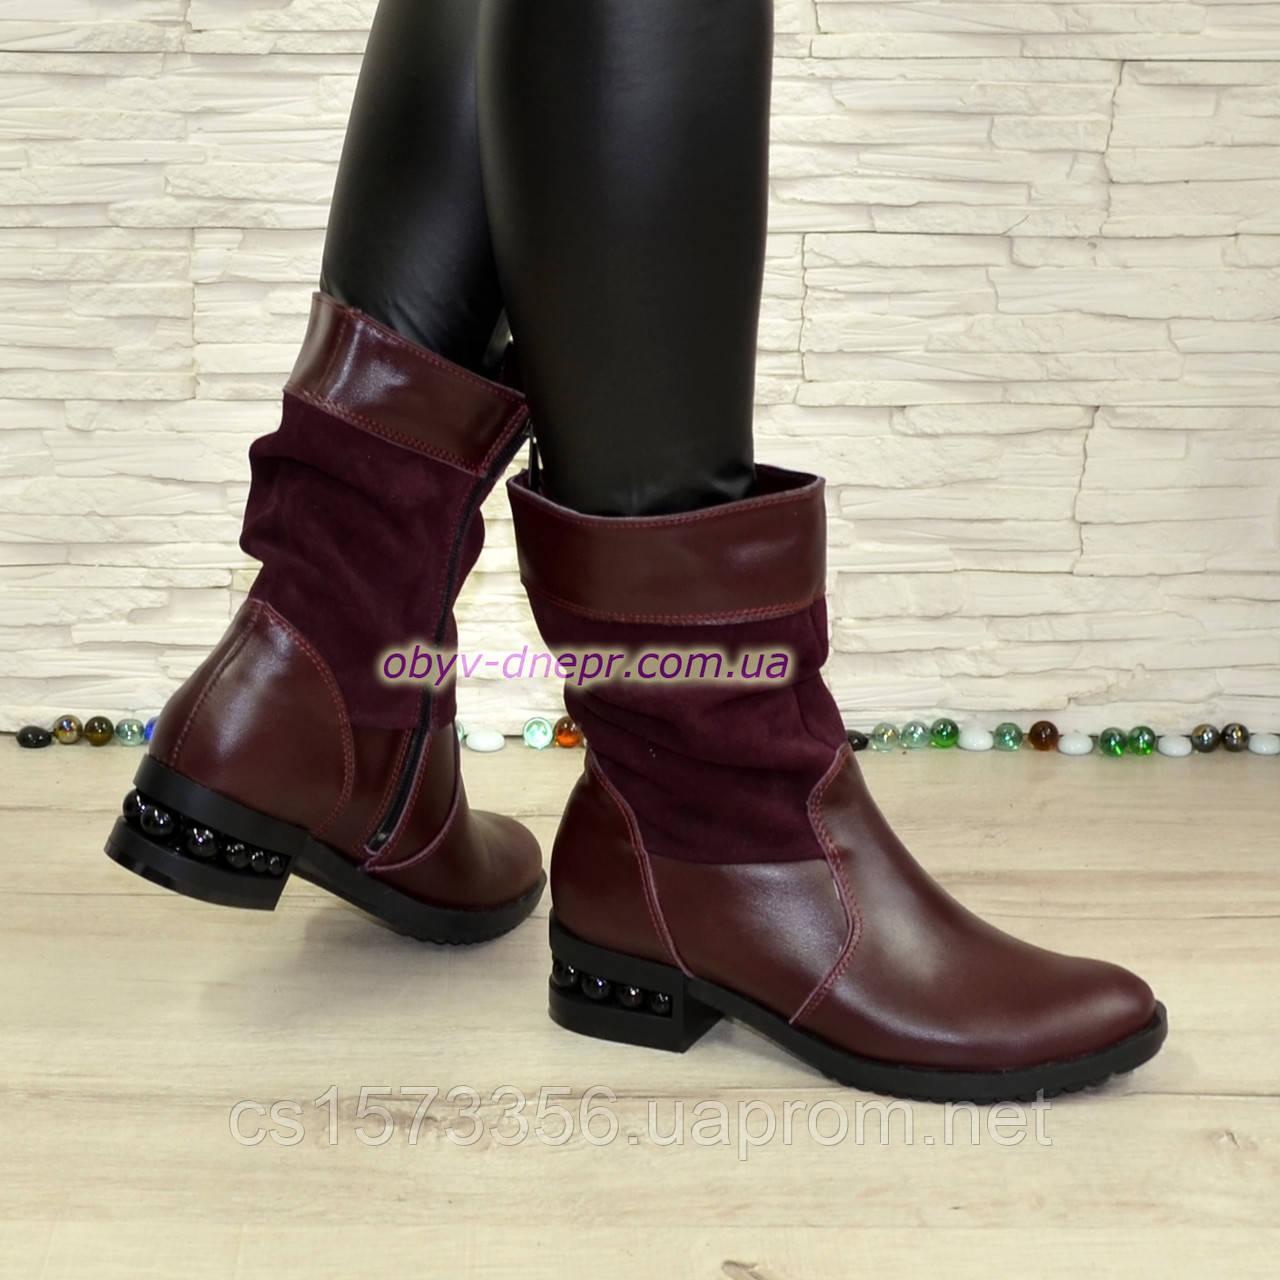 Ботинки женские зимние комбинированные на устойчивом каблуке